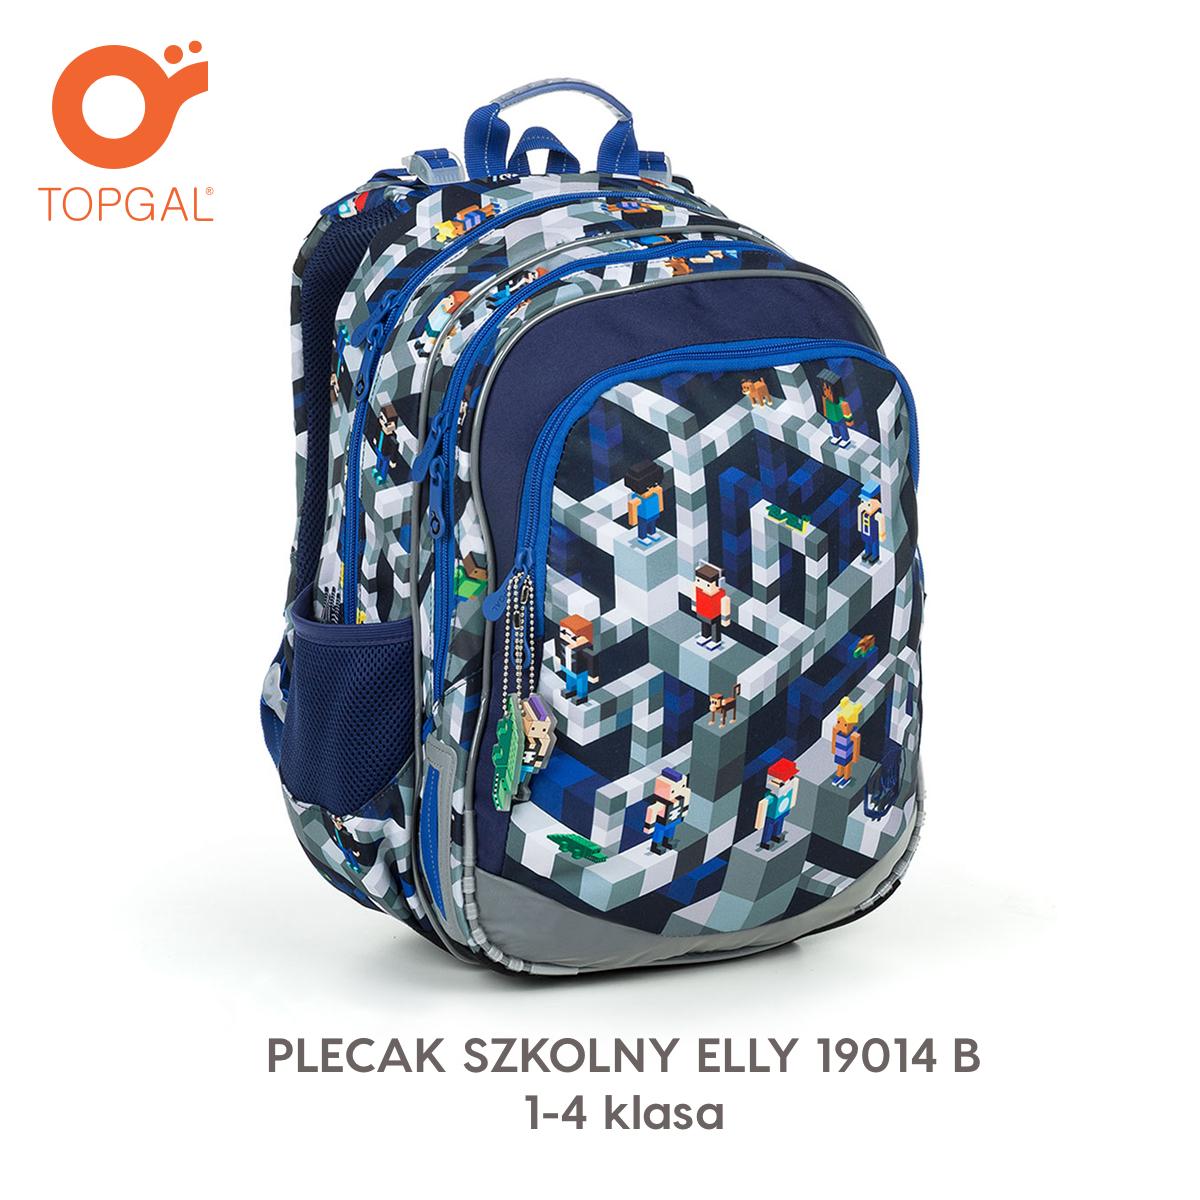 63011ab95cb7c Plecak szkolny dwukomorowy dla chłopca Topgal CHI 754 | Plecaki szkolne dla  chłopców | Backpacks, Bags i Fashion